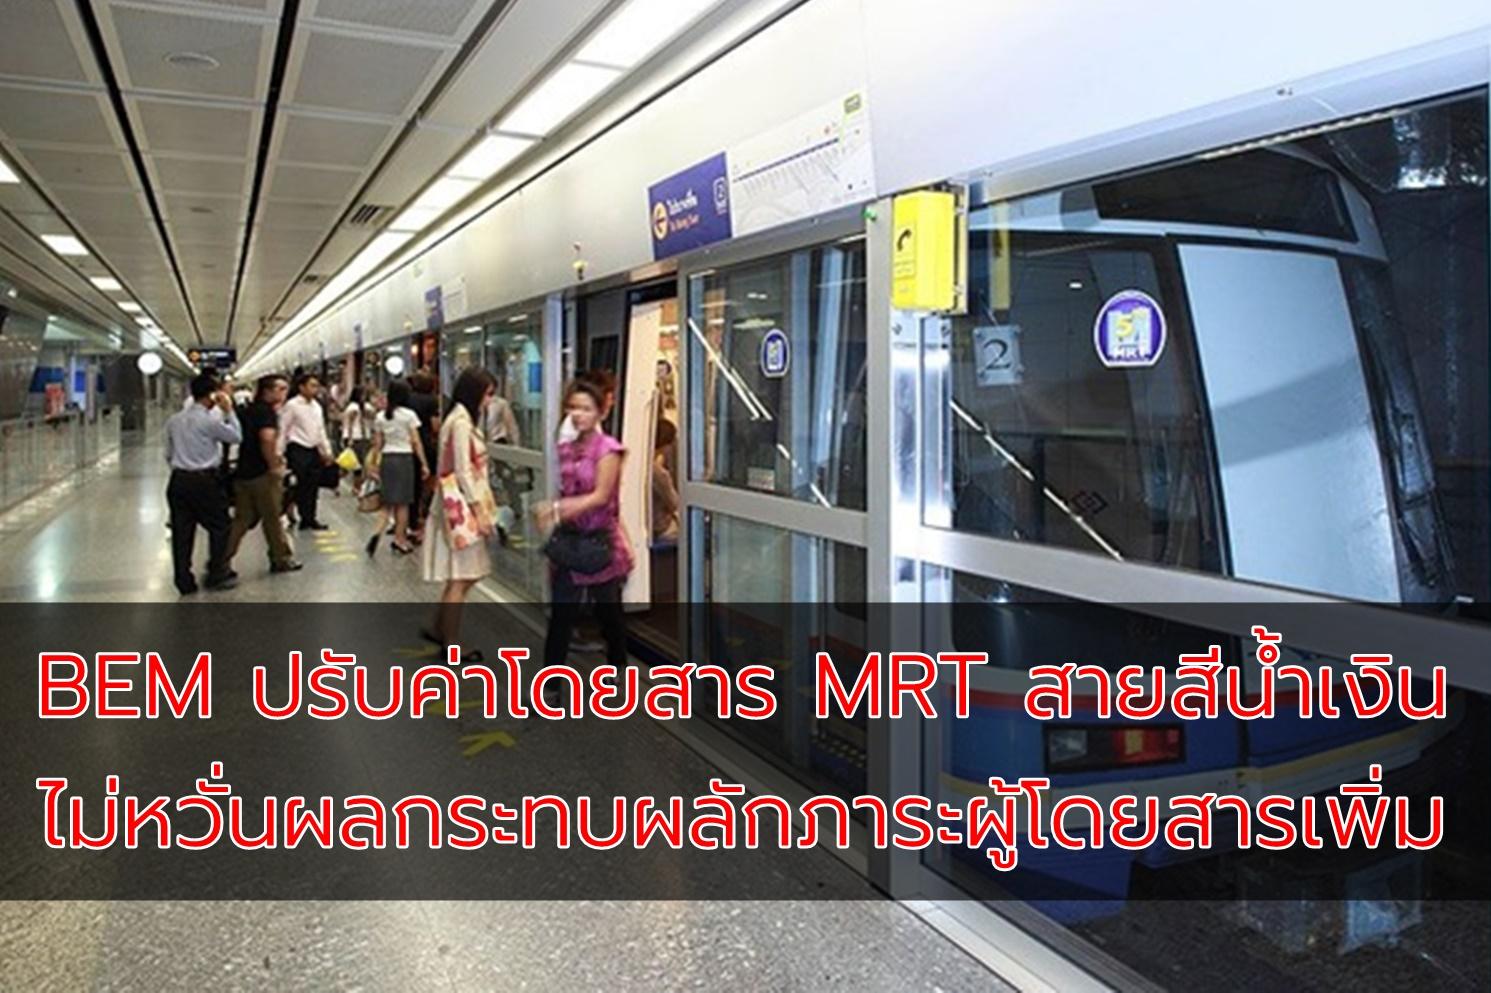 BEM ปรับค่าโดยสาร MRT สายสีน้ำเงิน ไม่หวั่นผลกระทบผลักภาระผู้โดยสารเพิ่ม